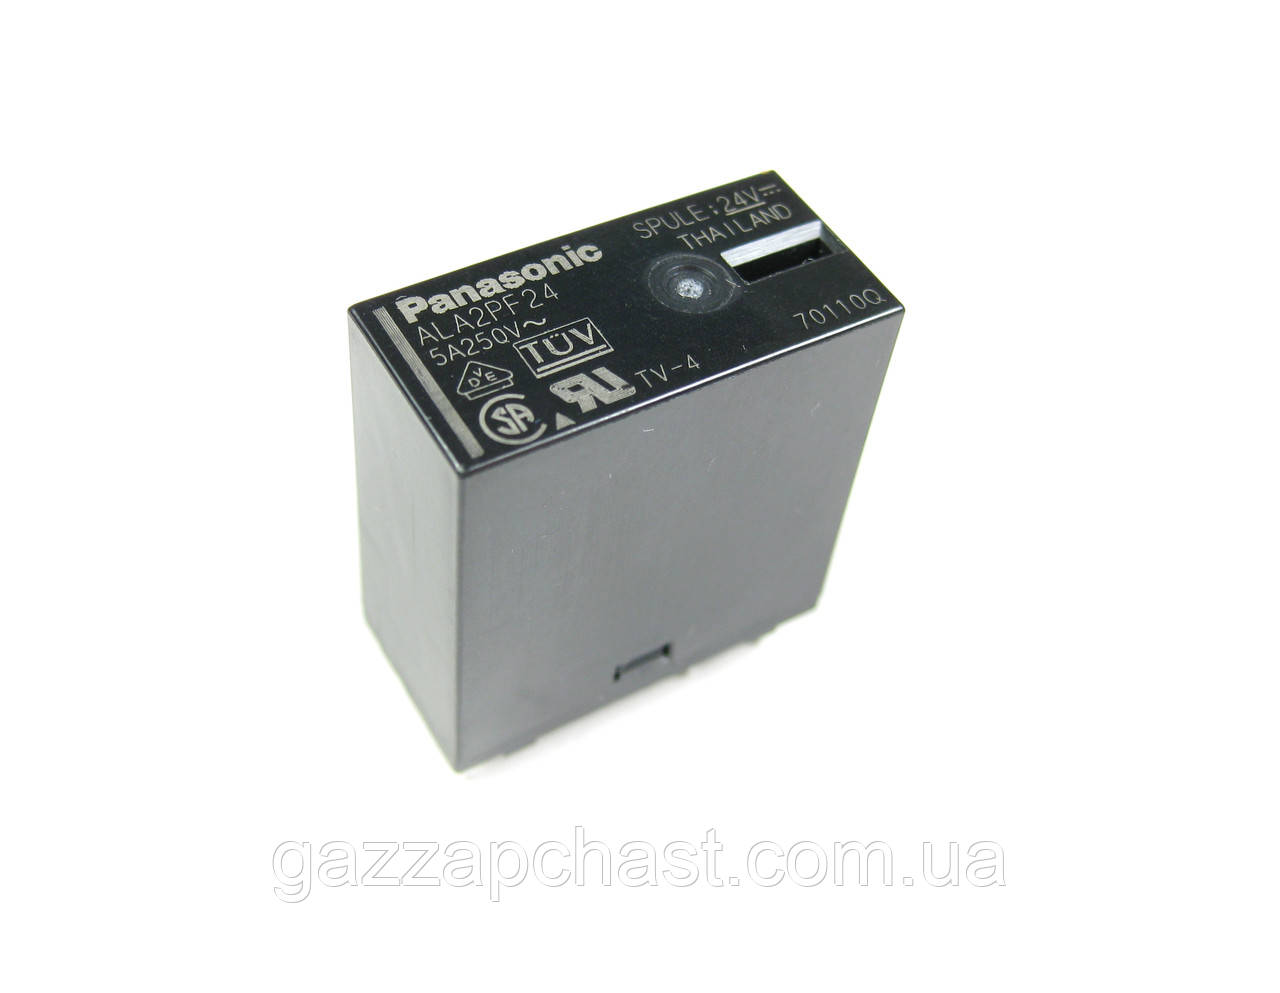 Реле ALA2PF24 для ремонта электронных плат газовых котлов, Panasonic, 24В